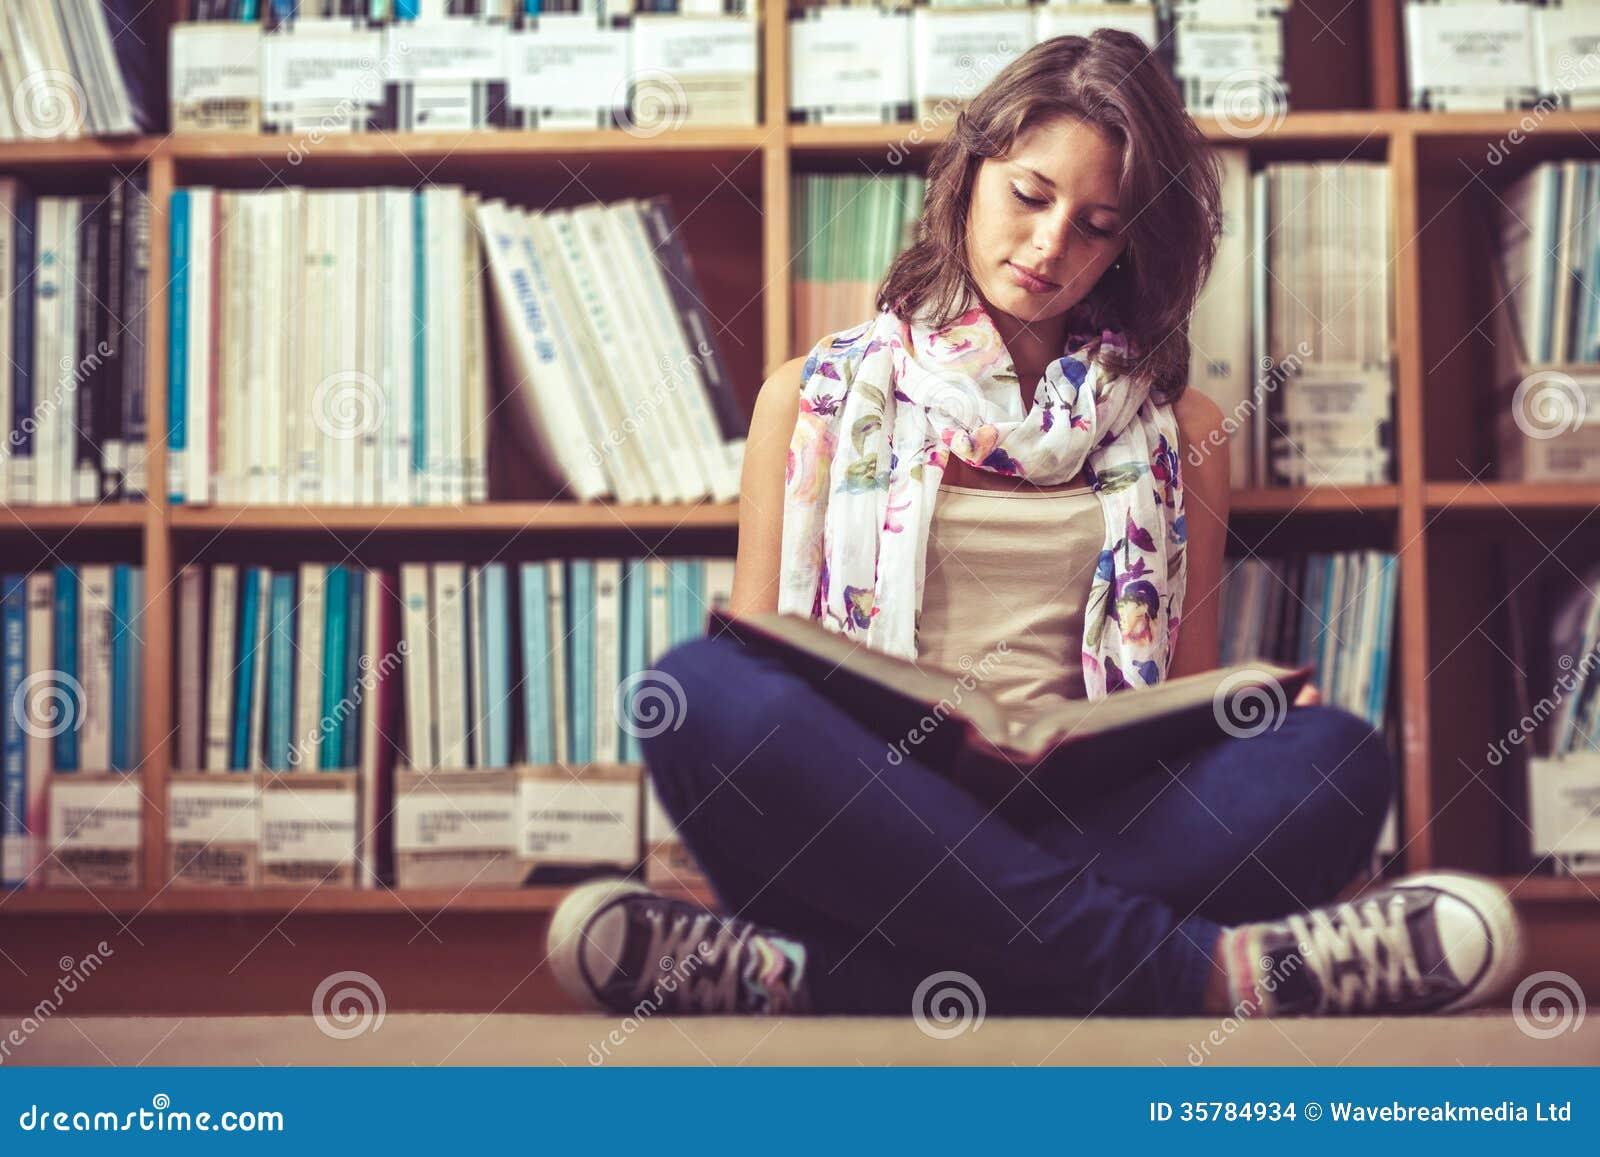 Γυναίκα σπουδαστής ενάντια στο ράφι που διαβάζει ένα βιβλίο στο πάτωμα βιβλιοθηκών